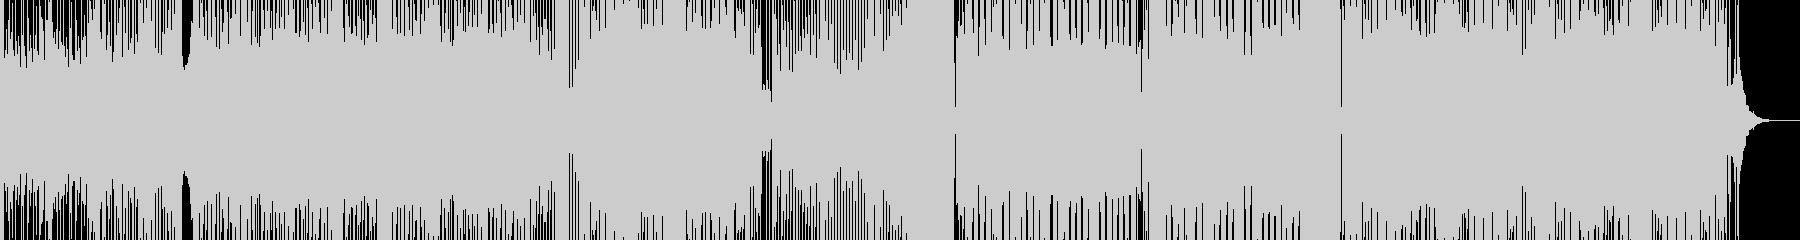 ボーカル無しのラガミュージックの未再生の波形